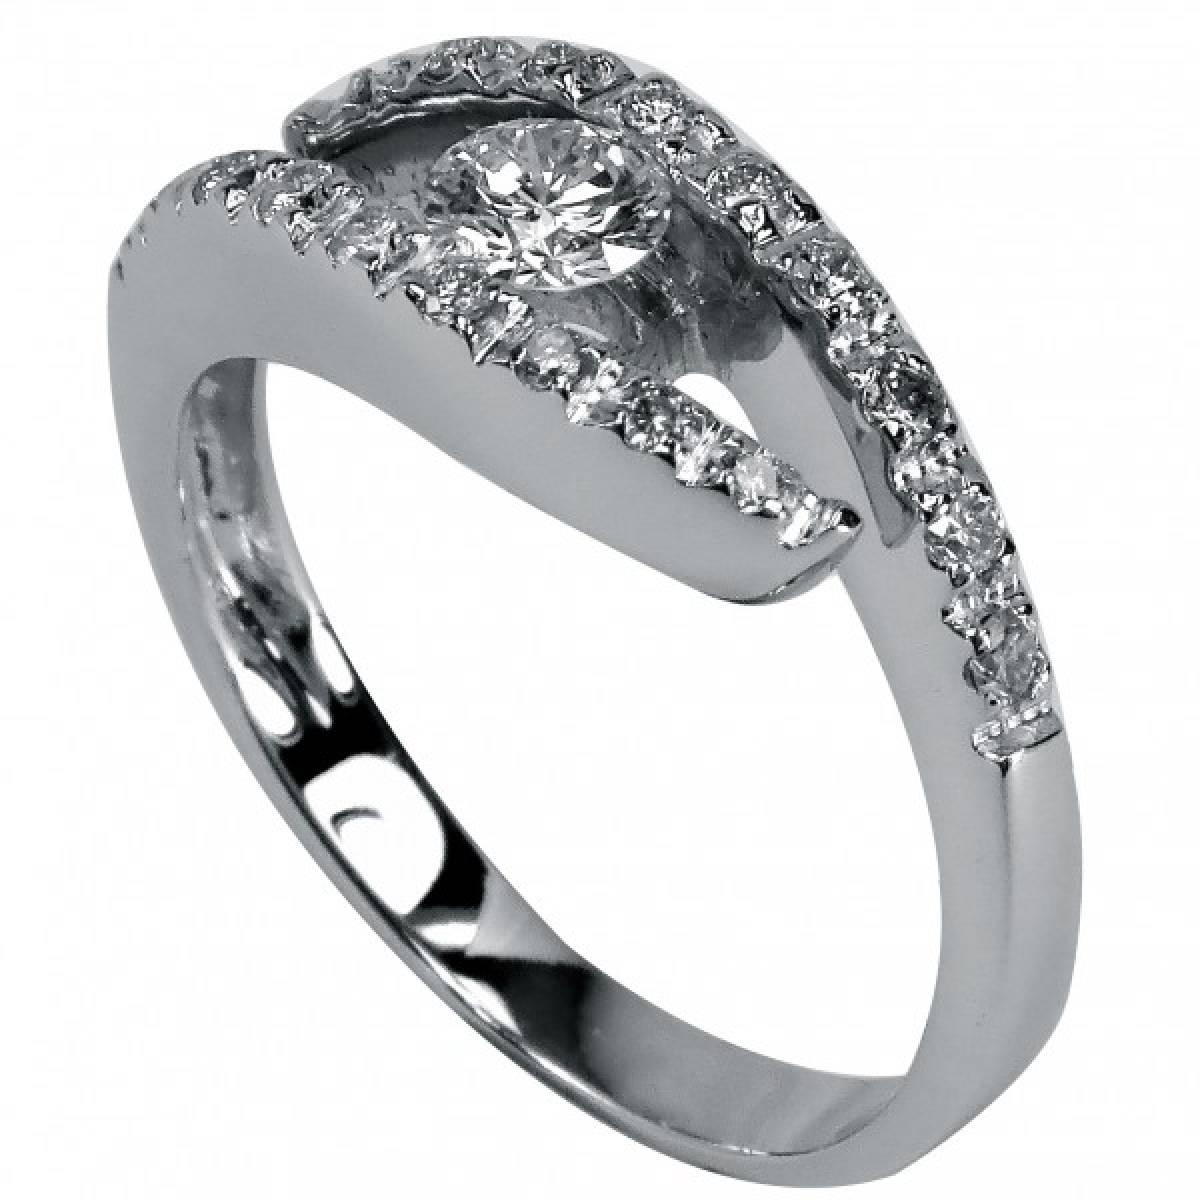 Anel de Noivado com diamantes ou zircónias, em ouro de 19,2 kts